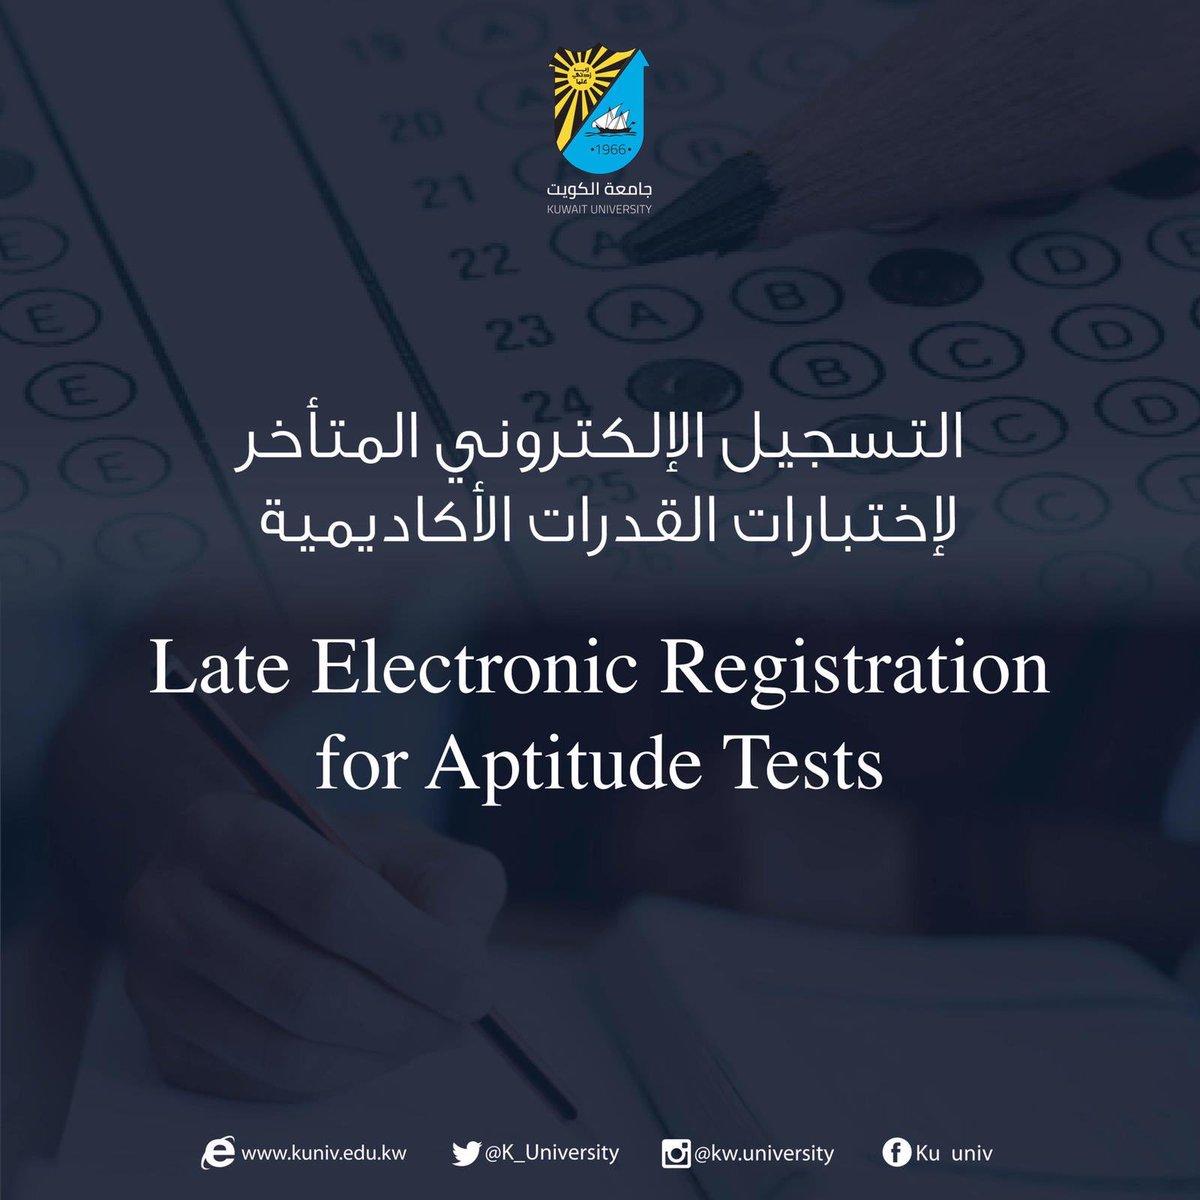 جامعة الكويت   إعلان تذكيري سيبدأ غداً  التسجيل المتأخر الإلكتروني لطلبة الصف الثاني عشر  لمن لم يسبق لهم تقديم اختبارات القدرات الأكاديمية من قبل نهائياً في الفتره من ٢٠١٩/٤/١٨ إلى ٢٠١٩/٤/٢١  التسجيل من خلال الصفحة  http://portal.ku.edu.kw/placement